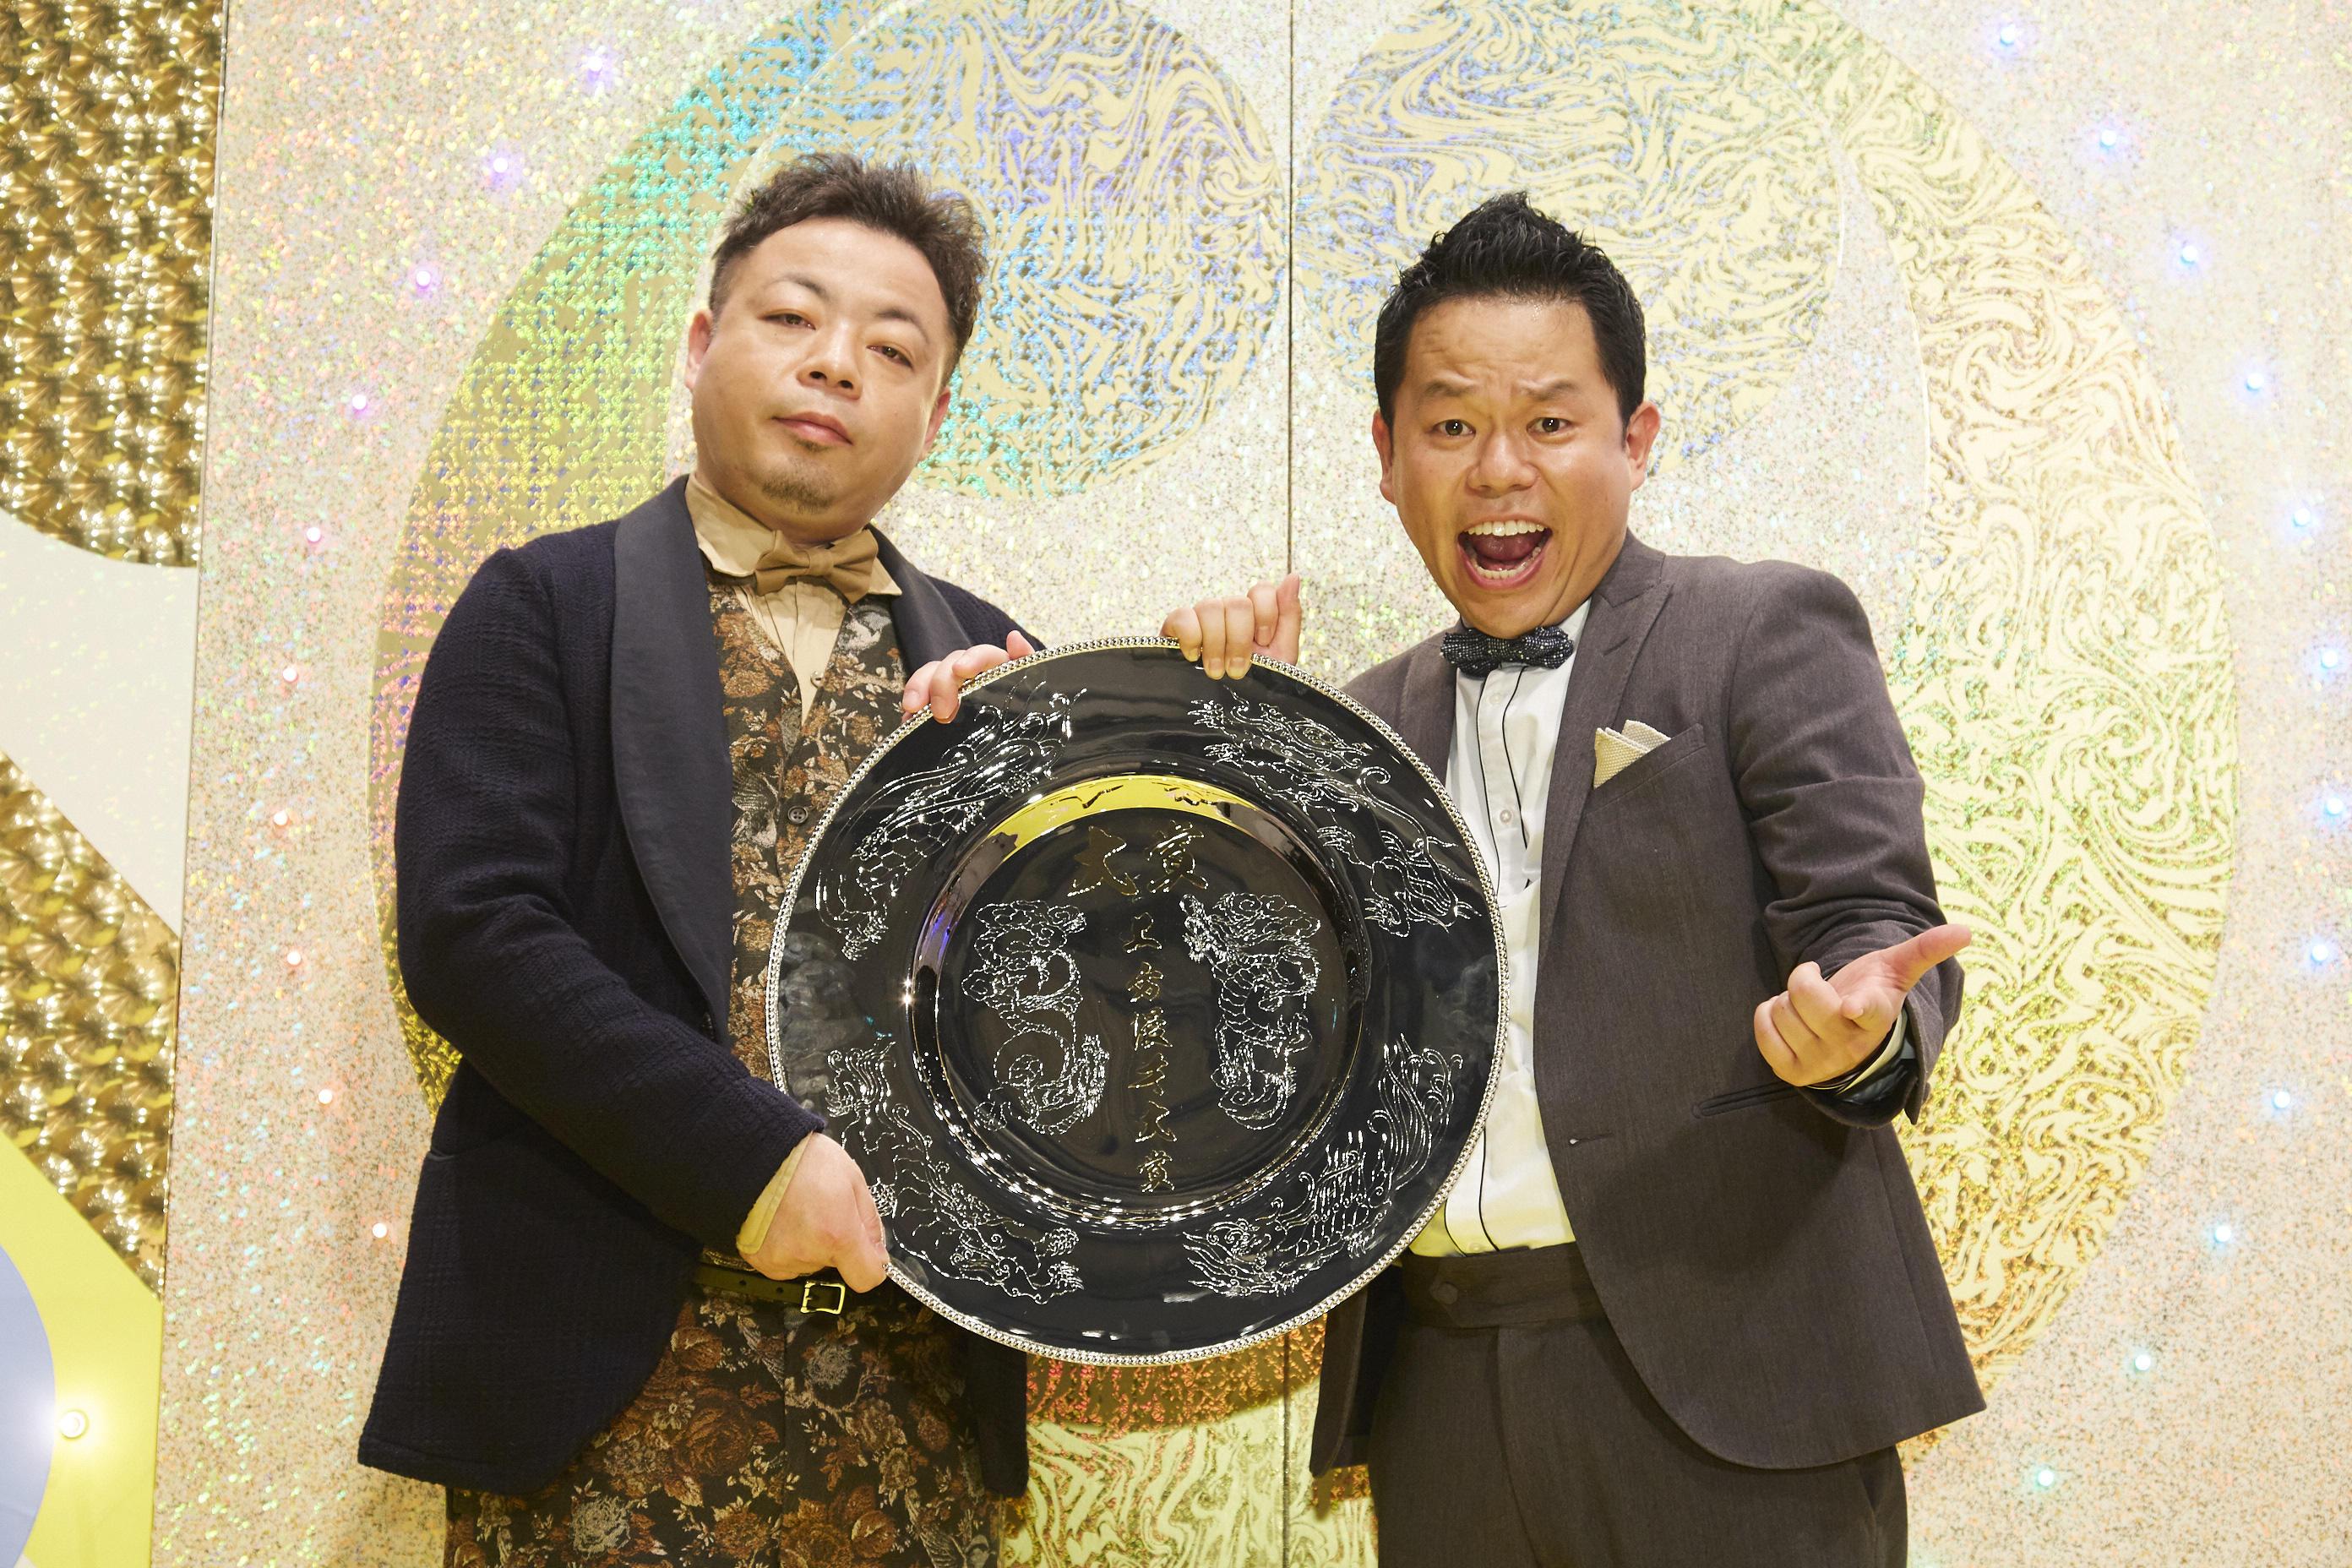 http://news.yoshimoto.co.jp/20180409144017-909f5f8d18e33b84f02f1d0648e8b4b11bc9b883.jpg